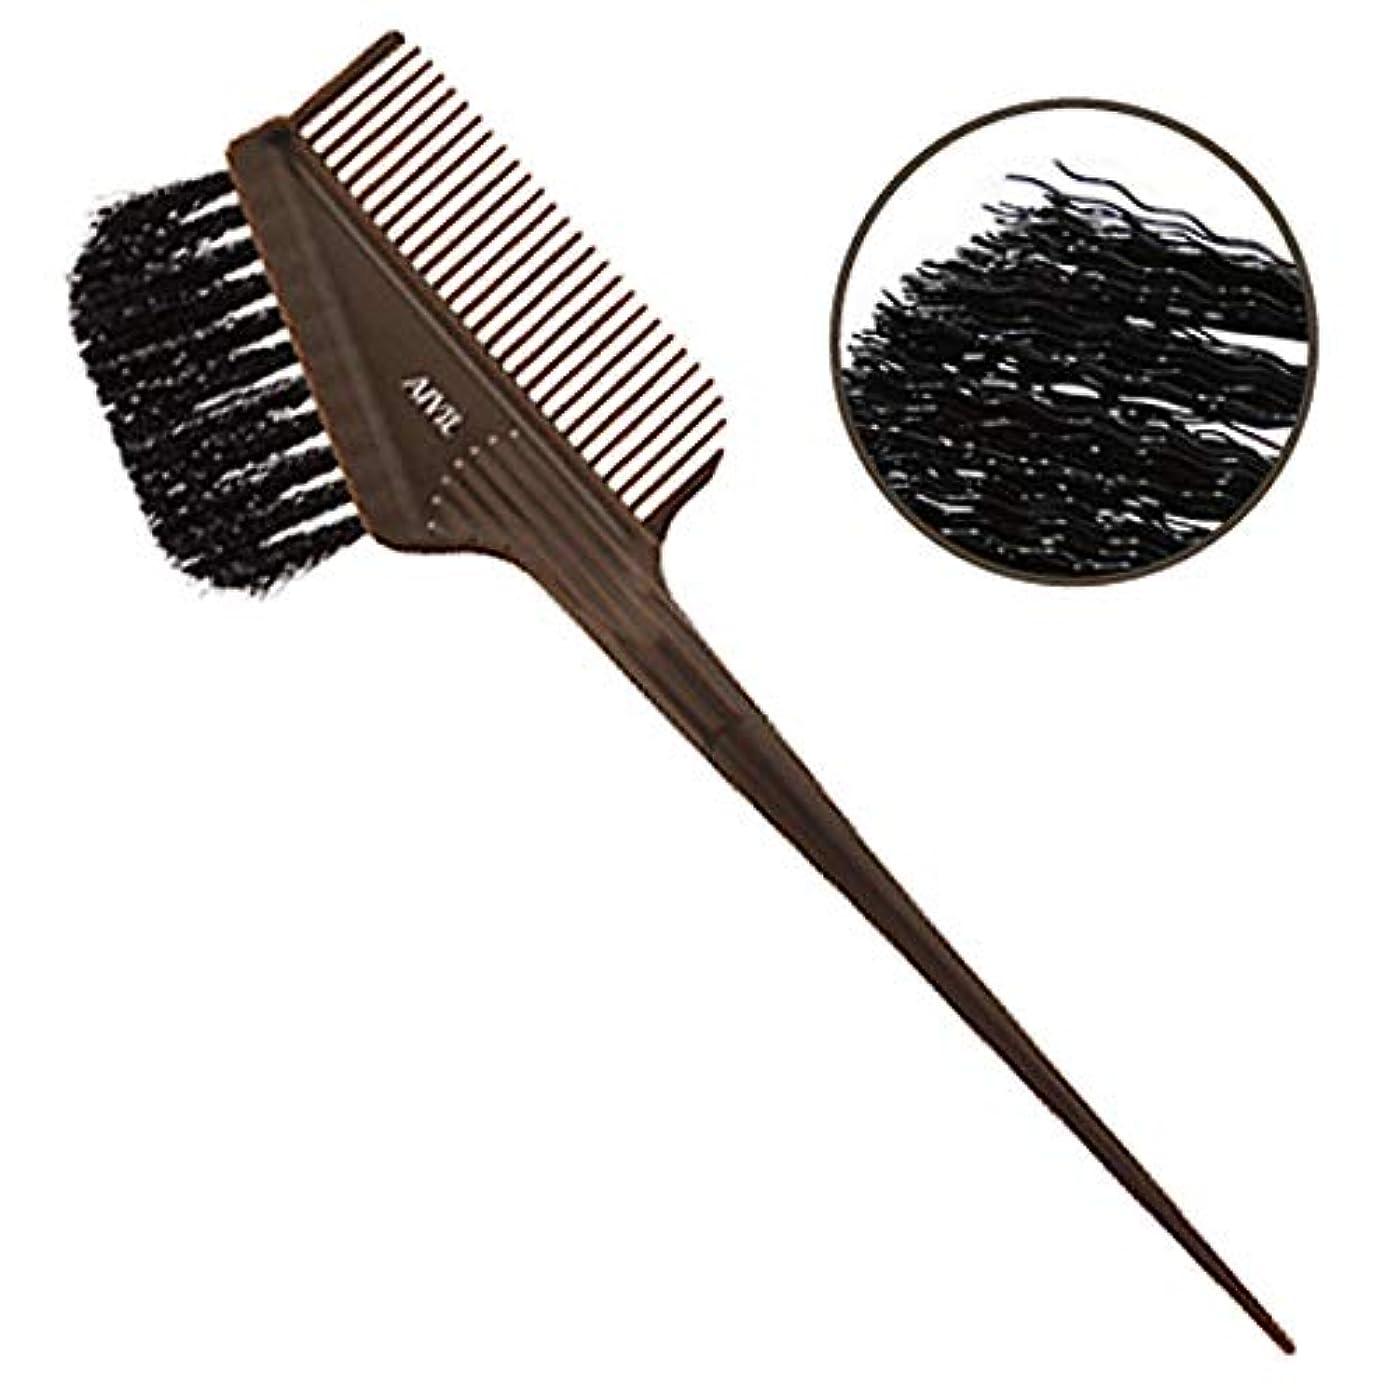 ガチョウ傾斜どこでもアイビル ヘアダイブラシ バトン ブラウン ウェーブ毛 刷毛/カラー剤/毛染めブラシ AIVIL